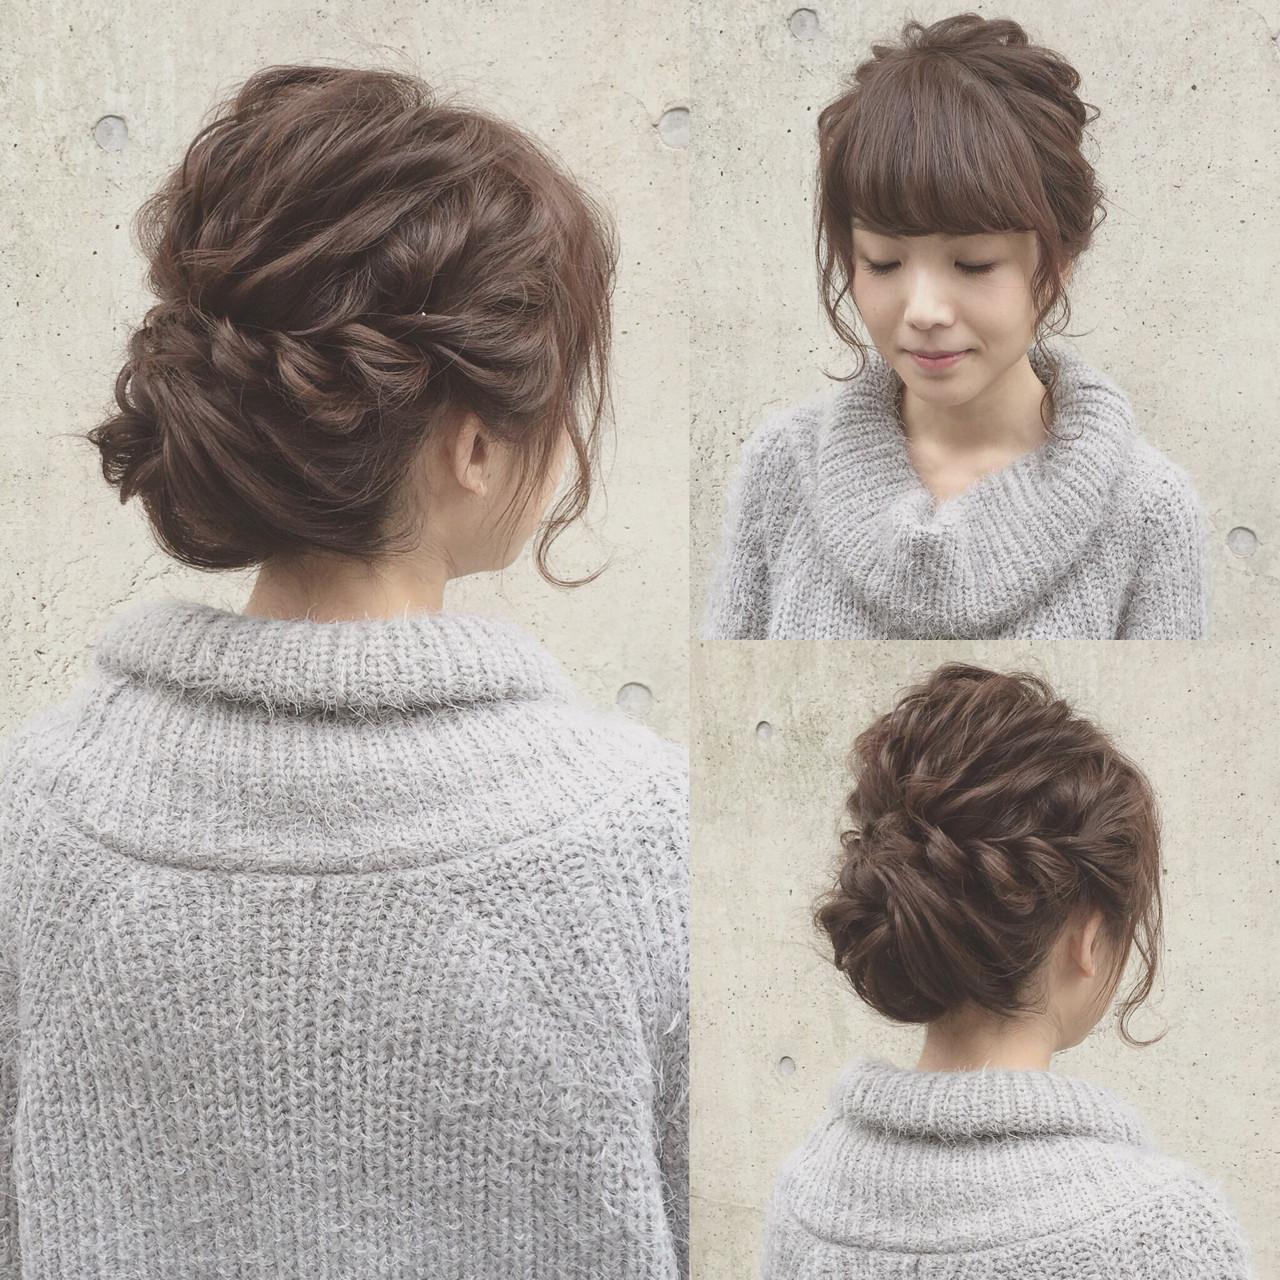 【美容師直伝】ロブがかわいく見える♡おすすめヘアアレンジ集 Kaneko Mayumi  BOTTOMS